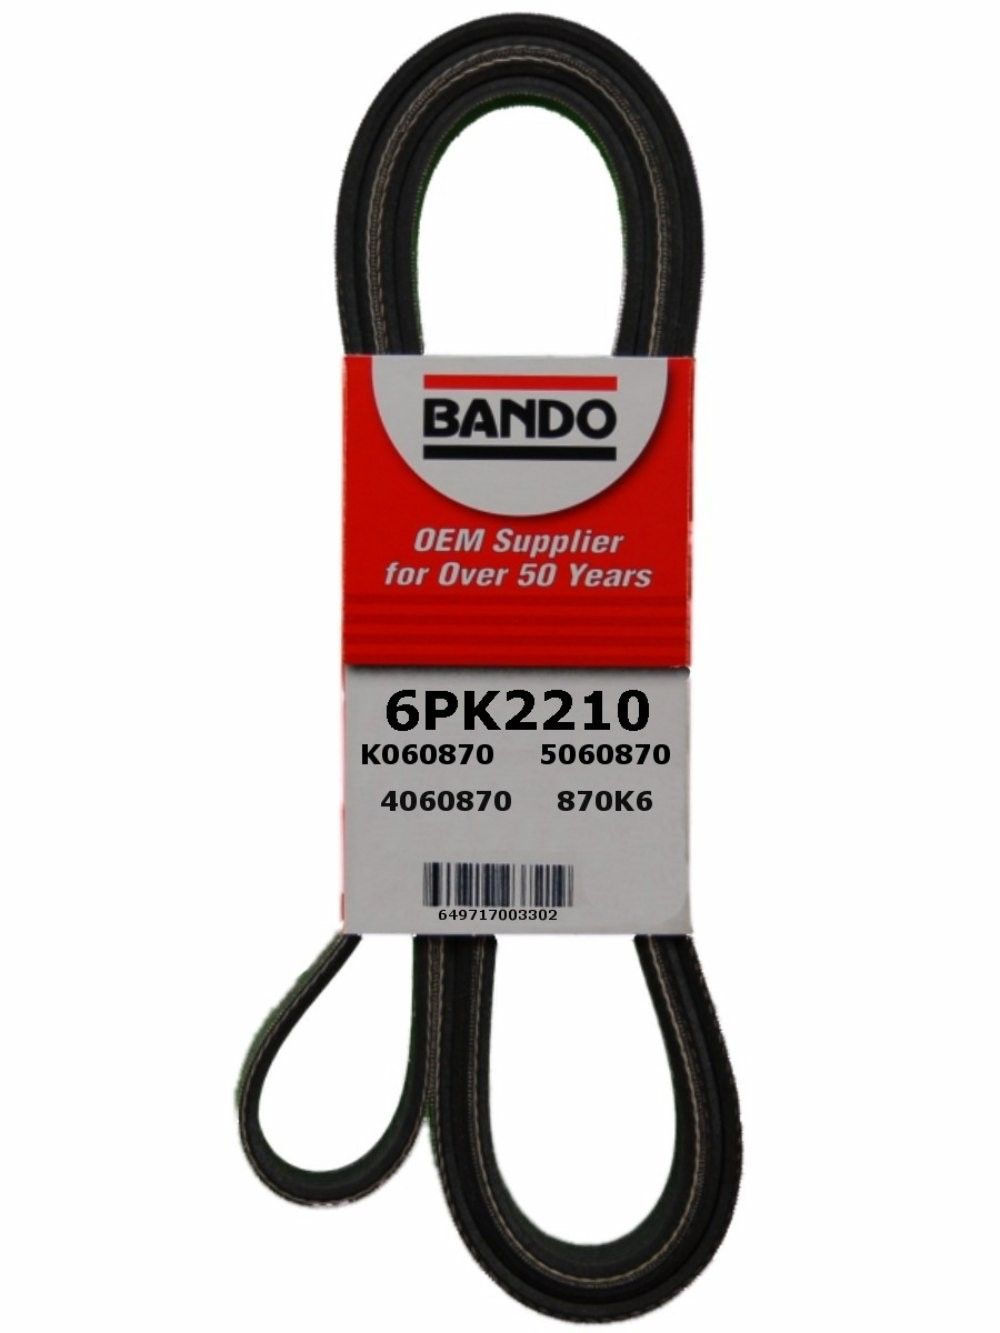 NAPA AUTOMOTIVE 25-060874 Replacement Belt